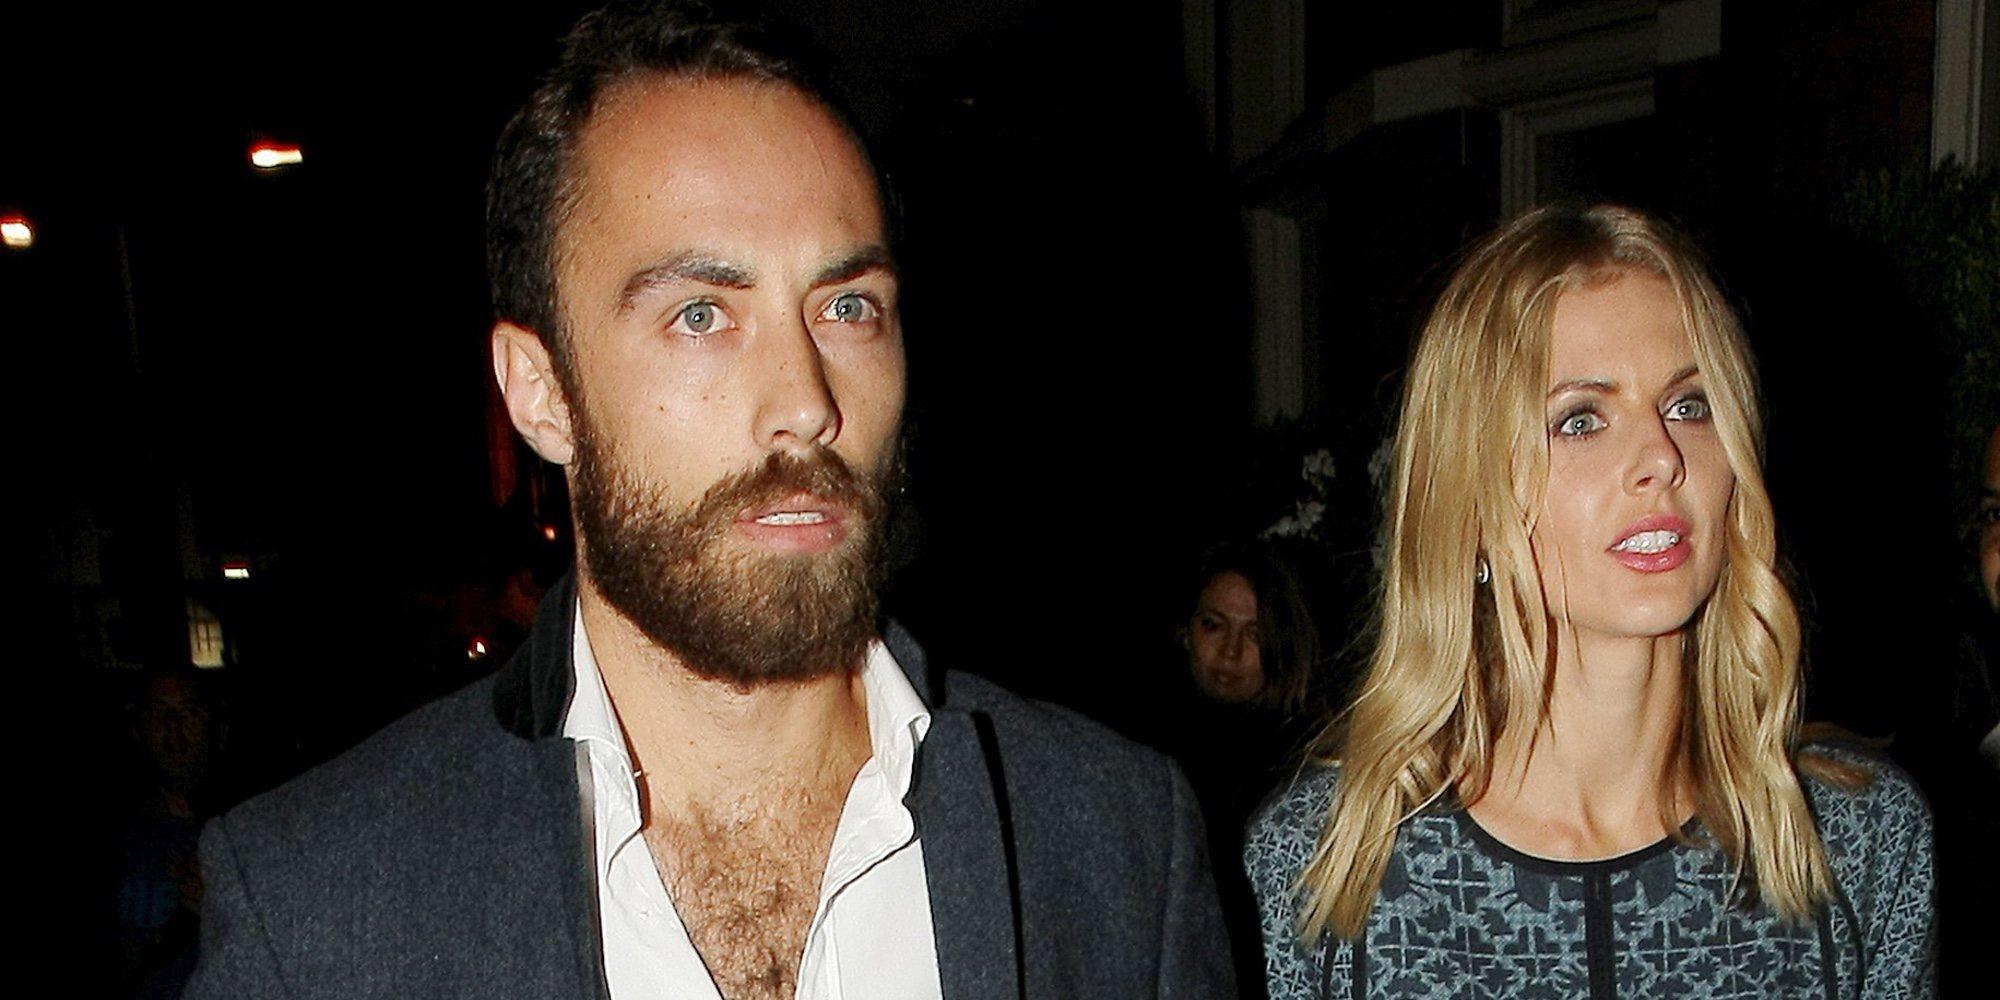 El motivo por el que James Middleton y Donna Air han roto tras 4 años de relación